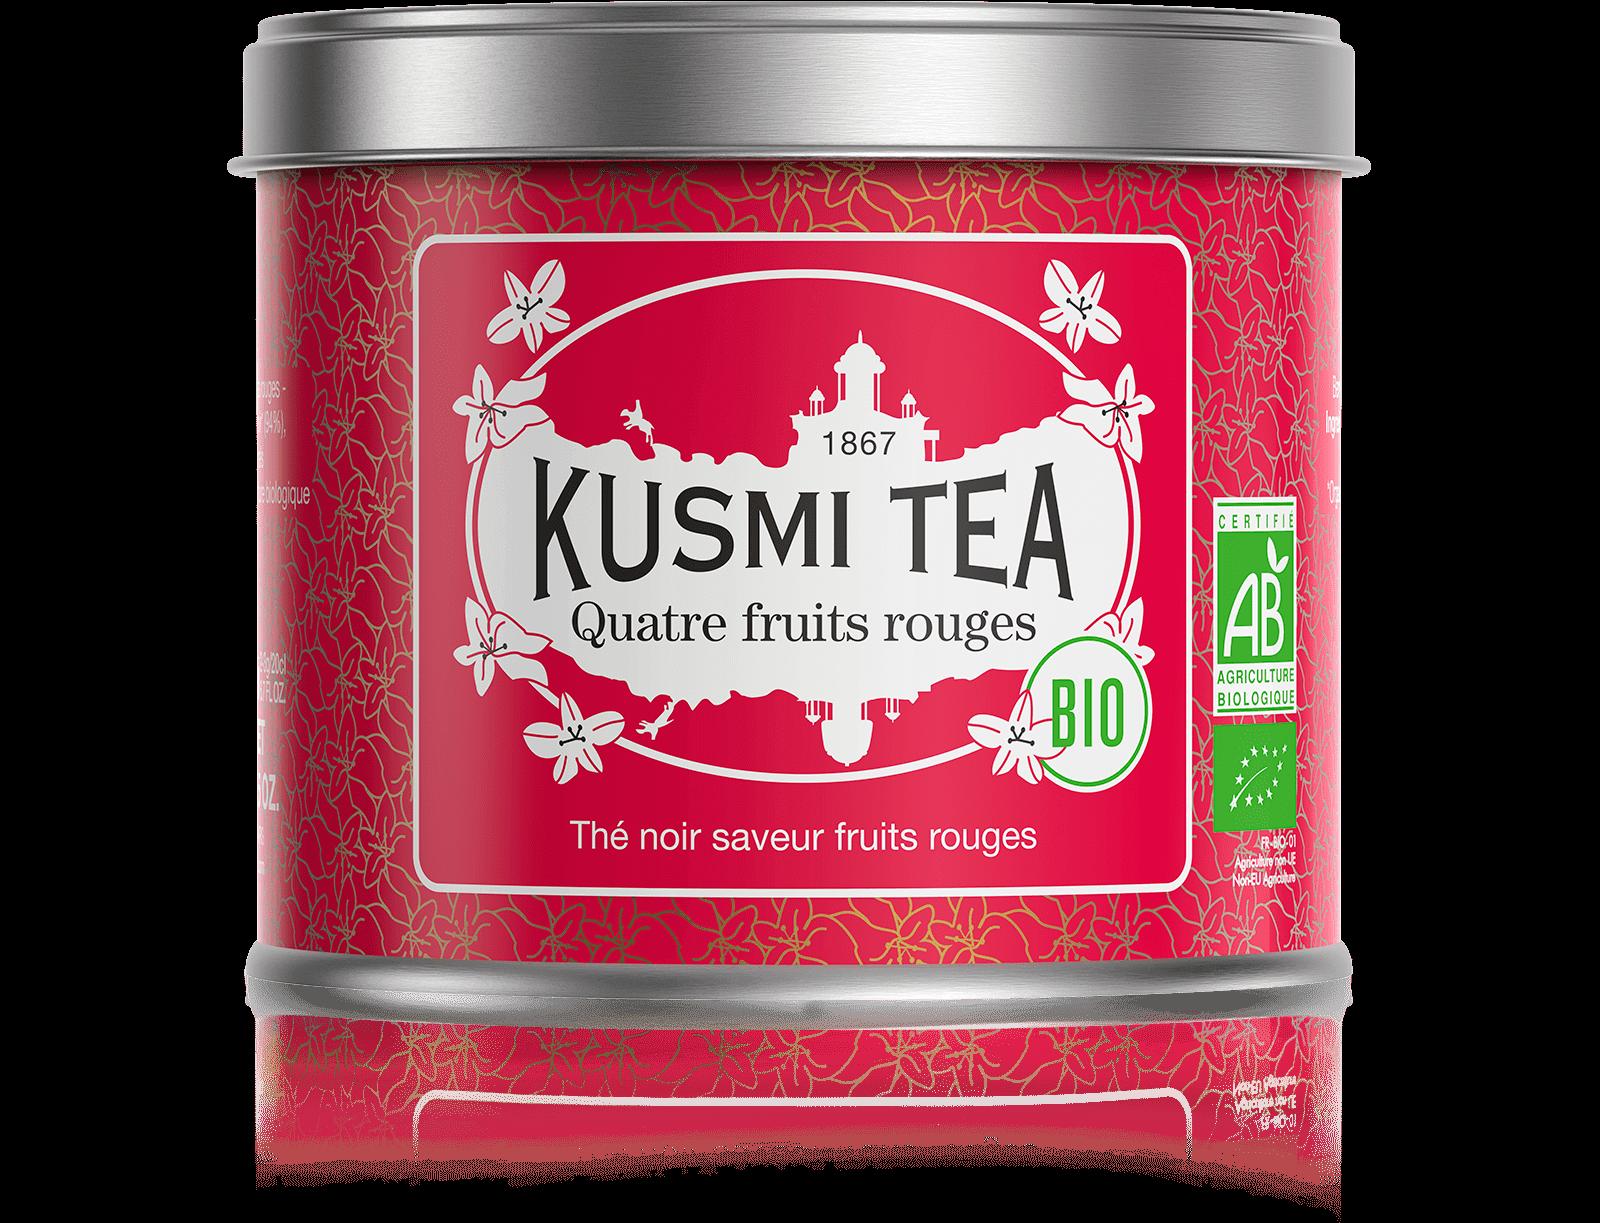 Quatre Fruits Rouges bio - Thé noir, fruits rouges - Boîte de thé en vrac - Kusmi Tea